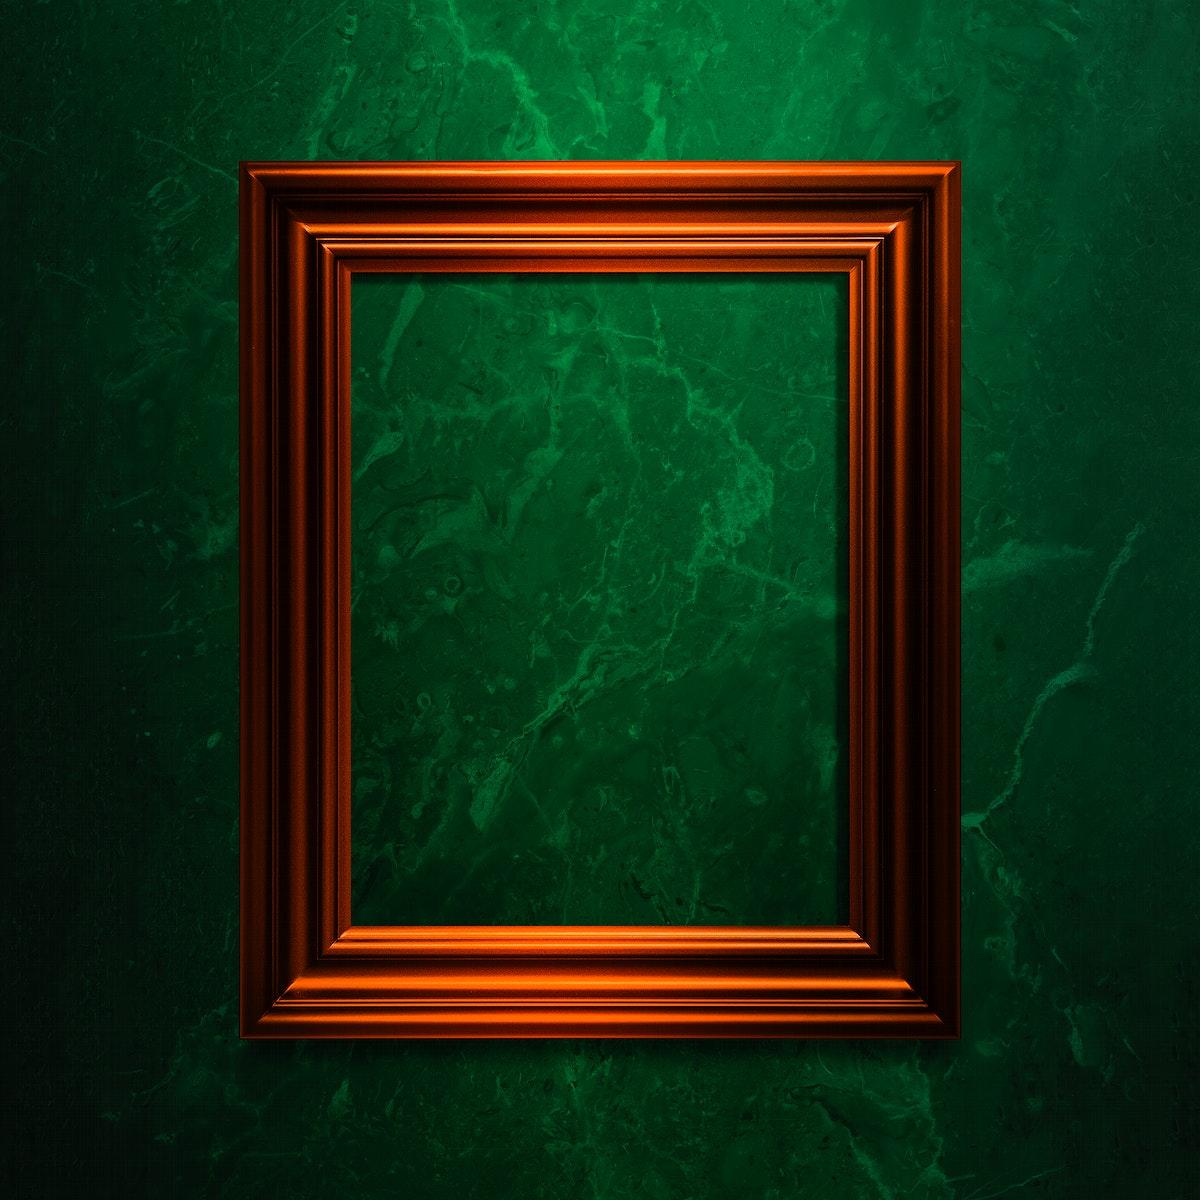 Copper photo frame mockup